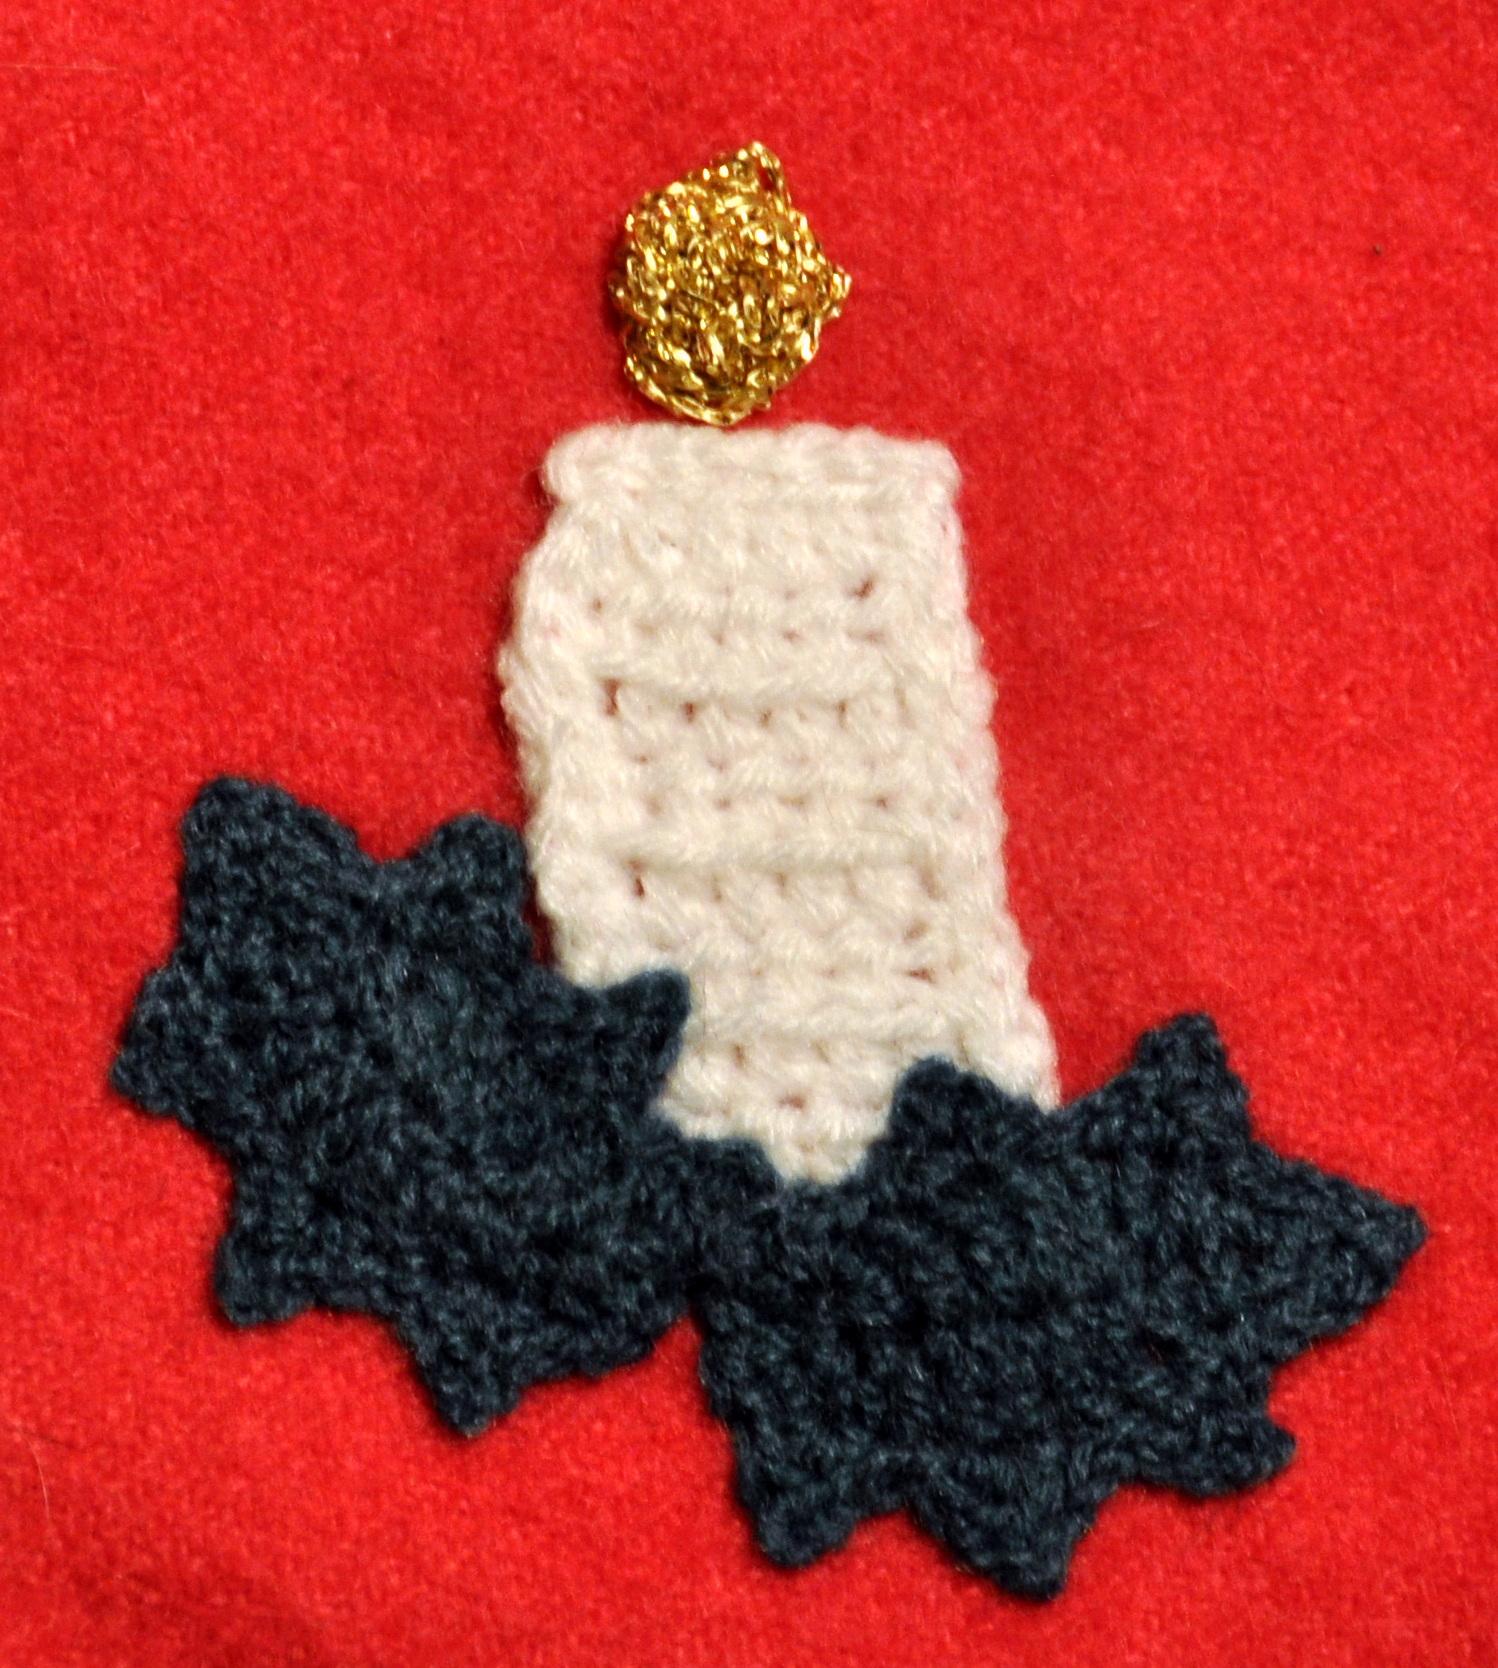 Crochet candle appliqué